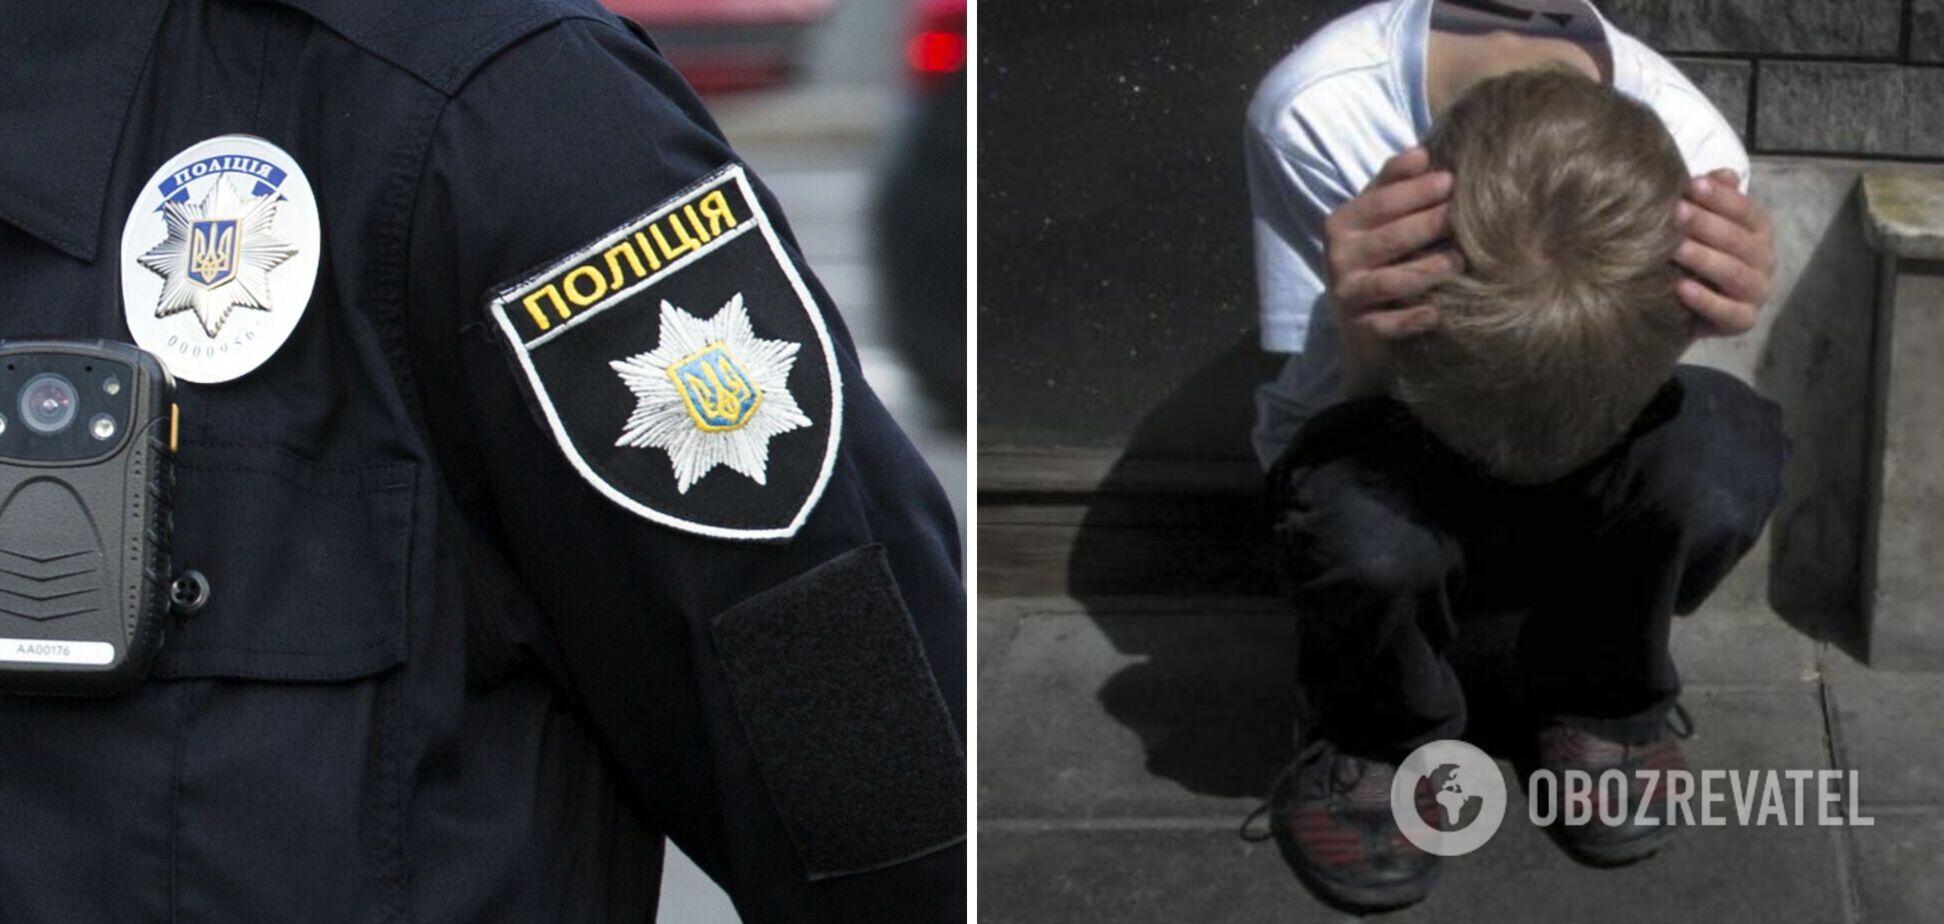 В Днепре 11-летний мальчик насиловал своего одноклассника – СМИ